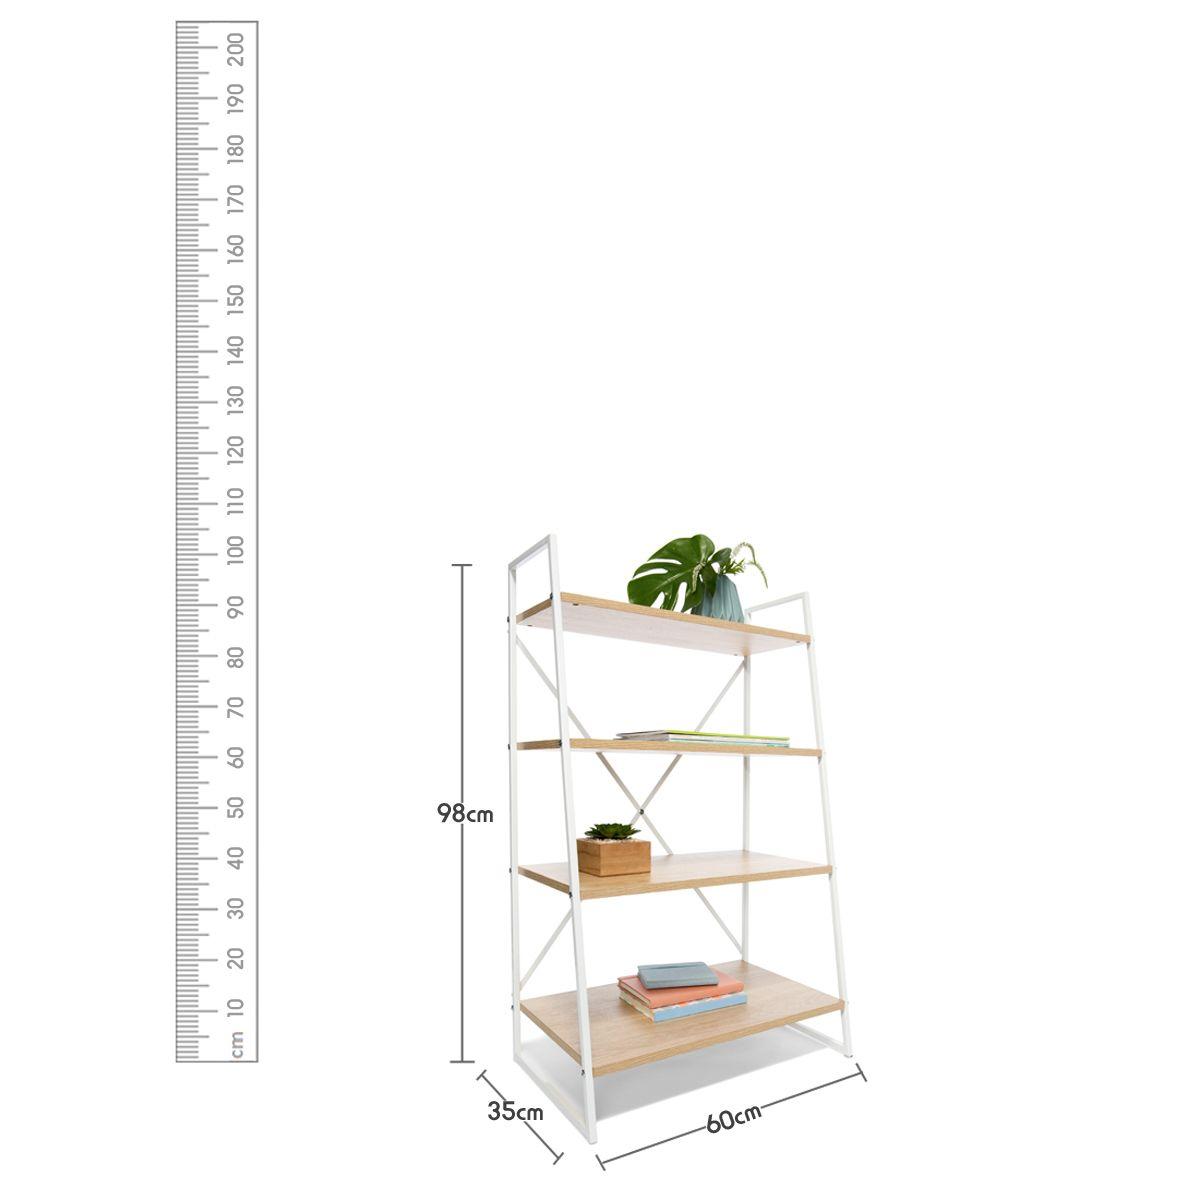 Scandi Ladder Bookshelf For the Home Pinterest Ladder bookshelf